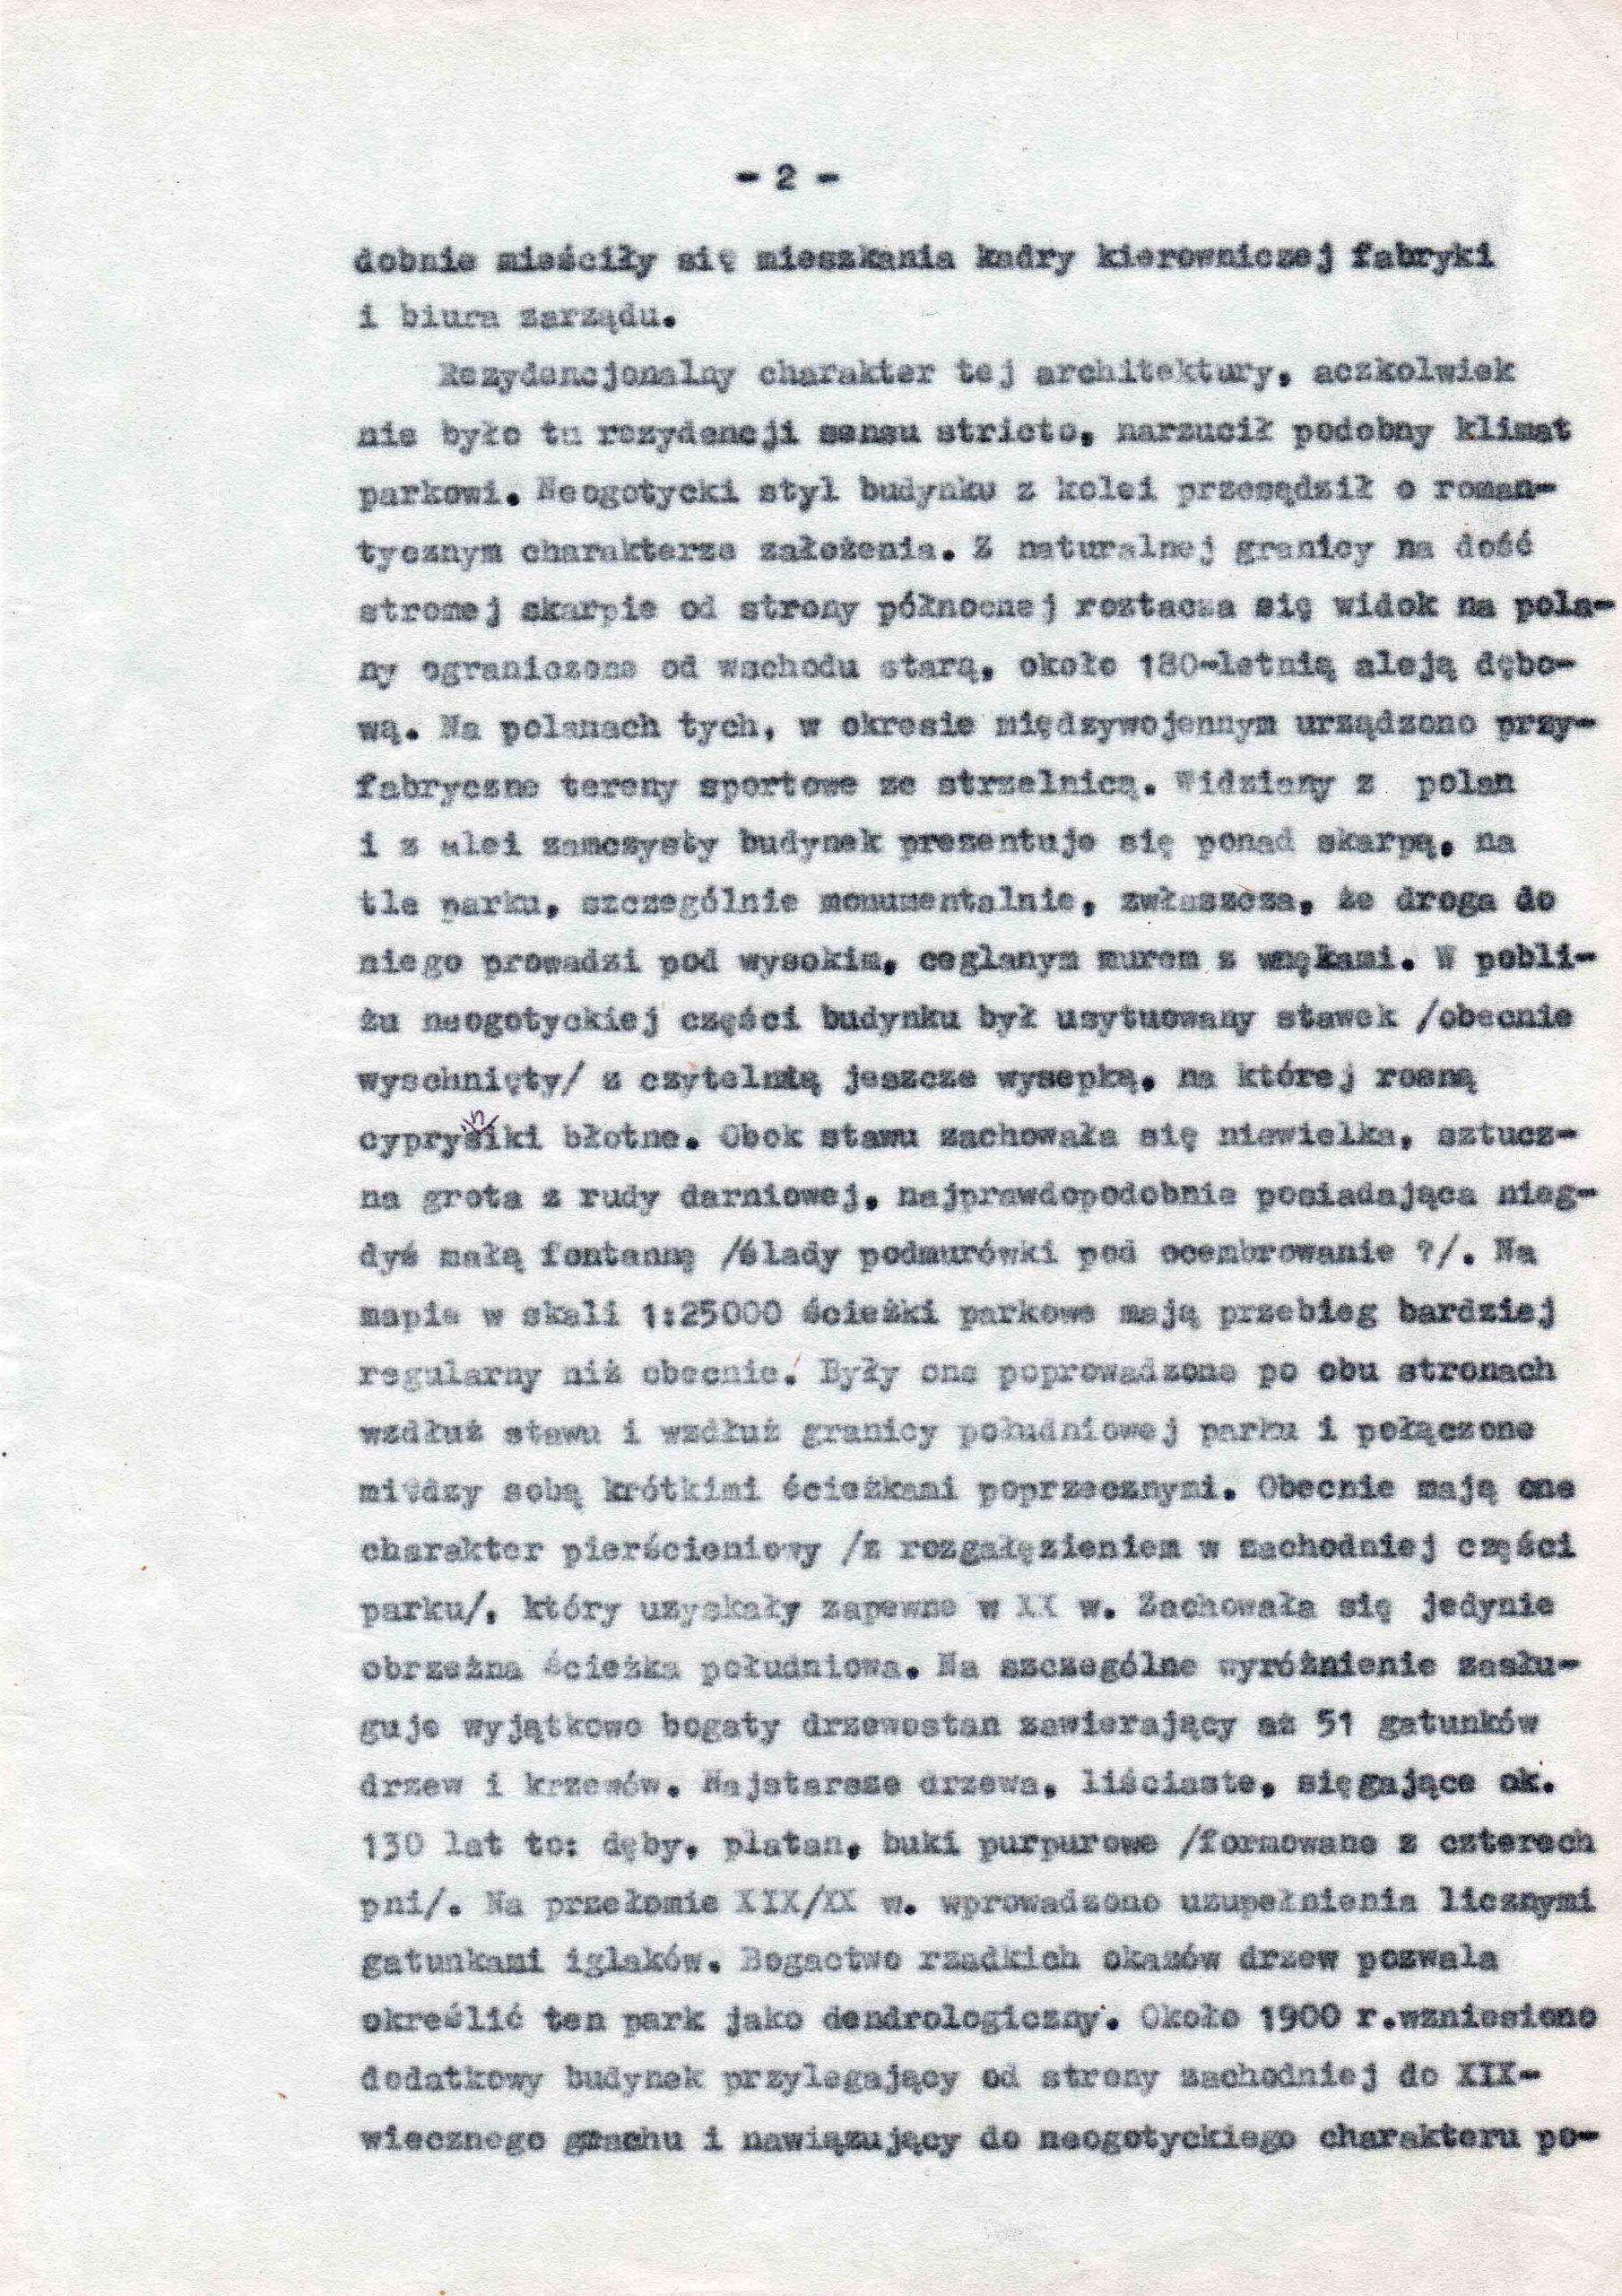 Ewidencja założenia ogrodowo-parkowego 1987 dokument (5)